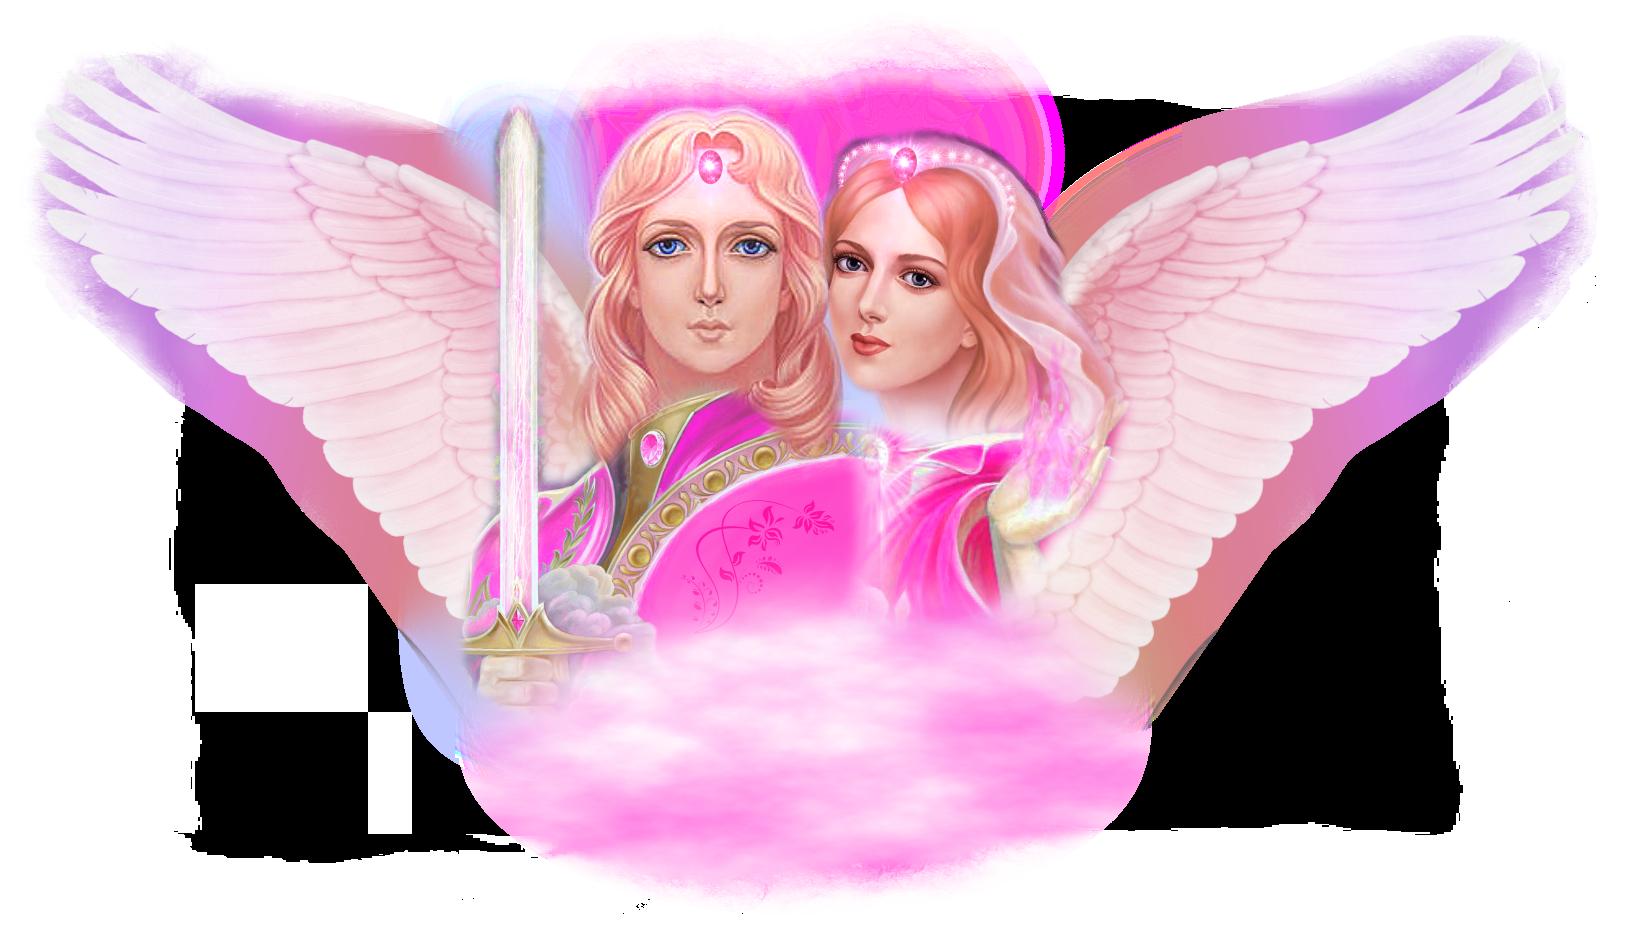 розовое пламя архангела чамуила